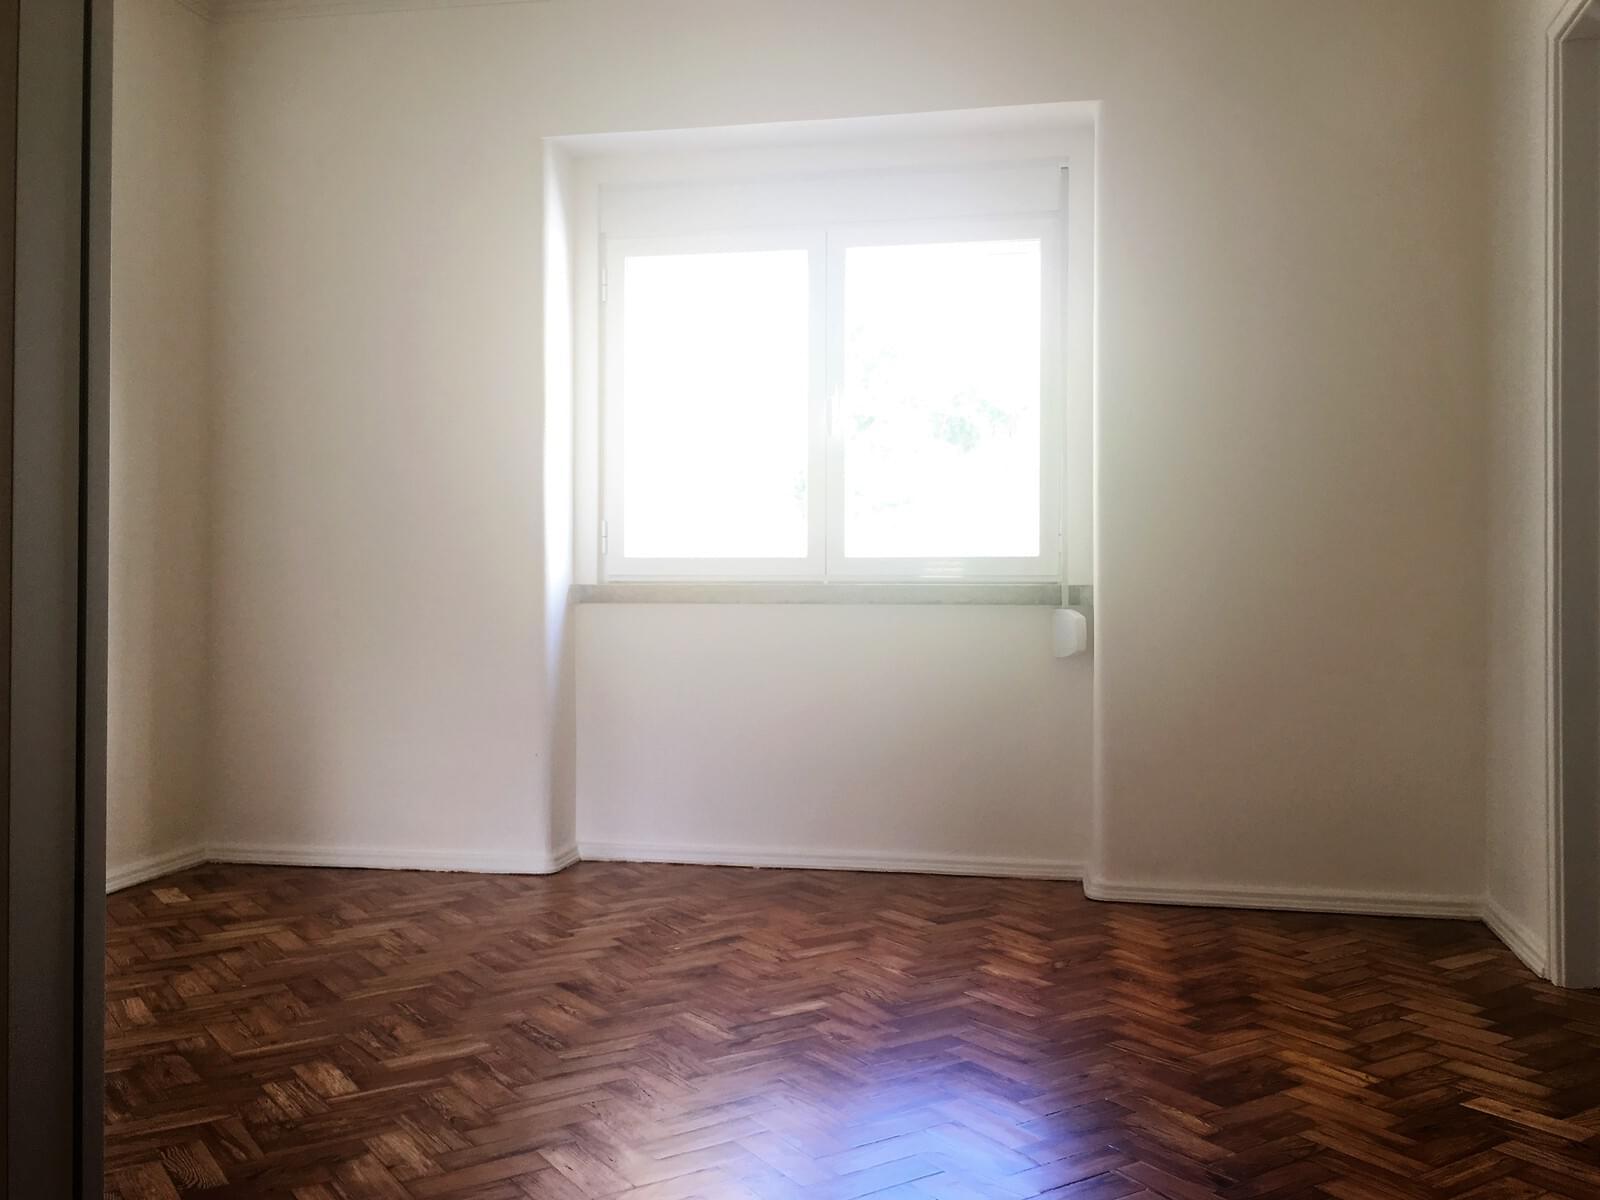 pf17642-apartamento-t3-lisboa-d199d9f5-d857-4e80-9070-d948b1400c5b